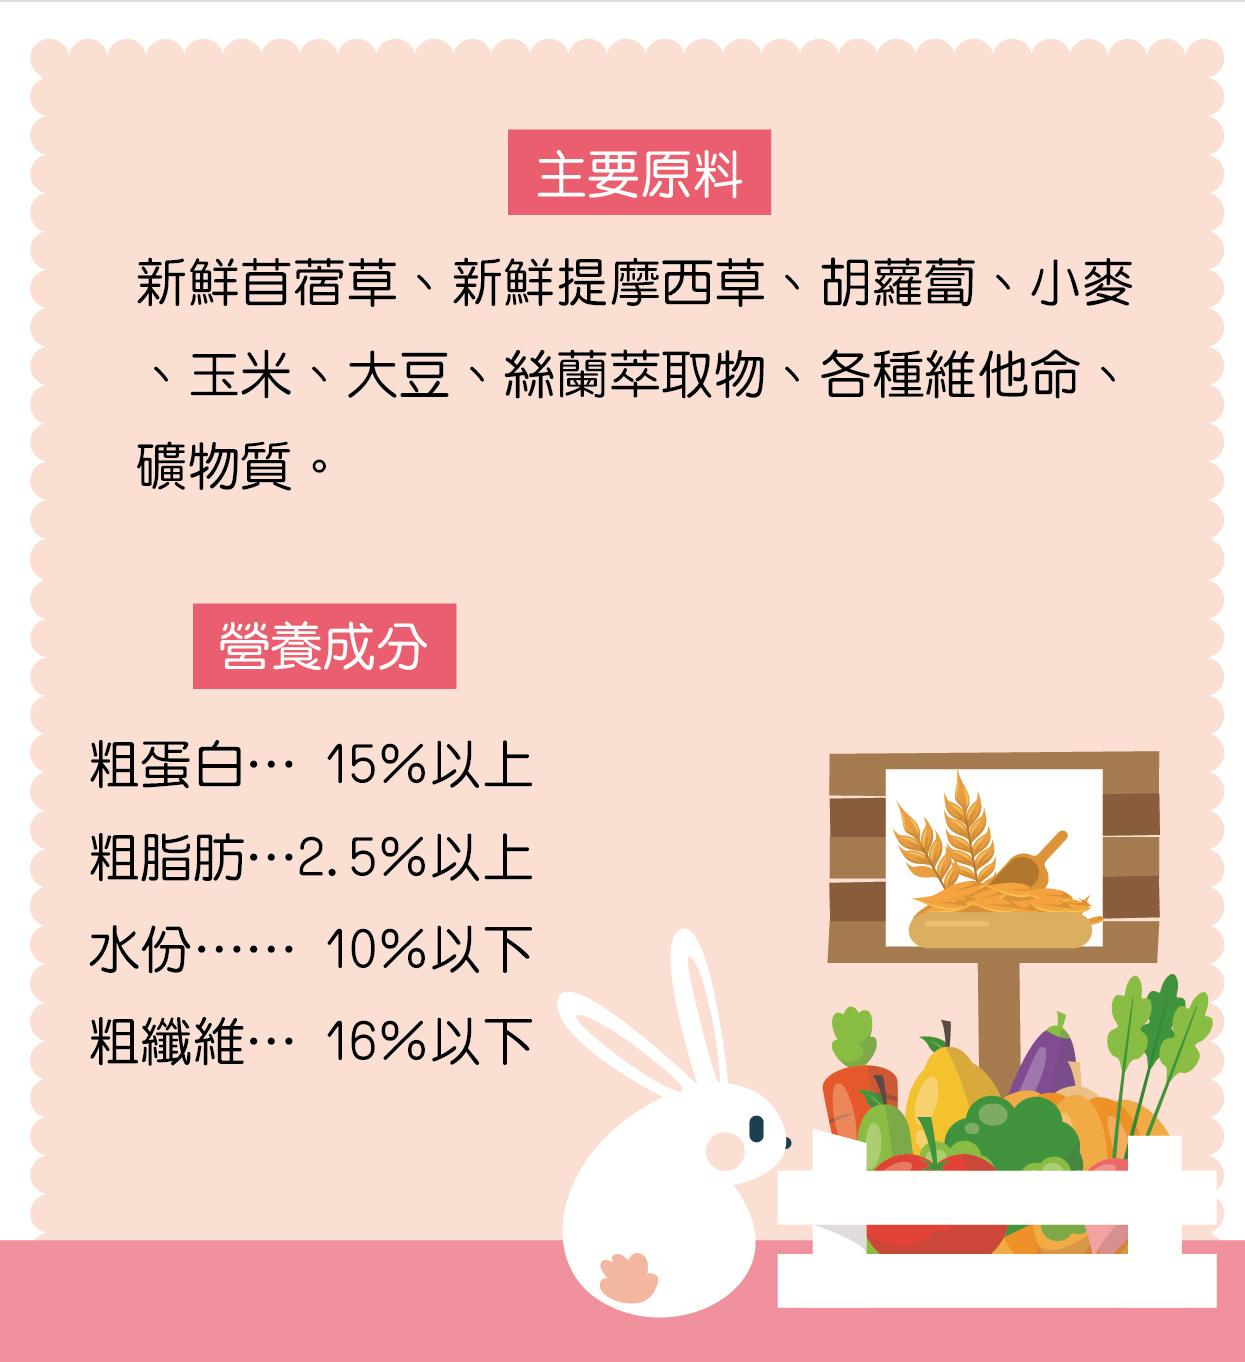 精選上等原料、調製而成完全營養主食│全球寵物兔子飼料推薦